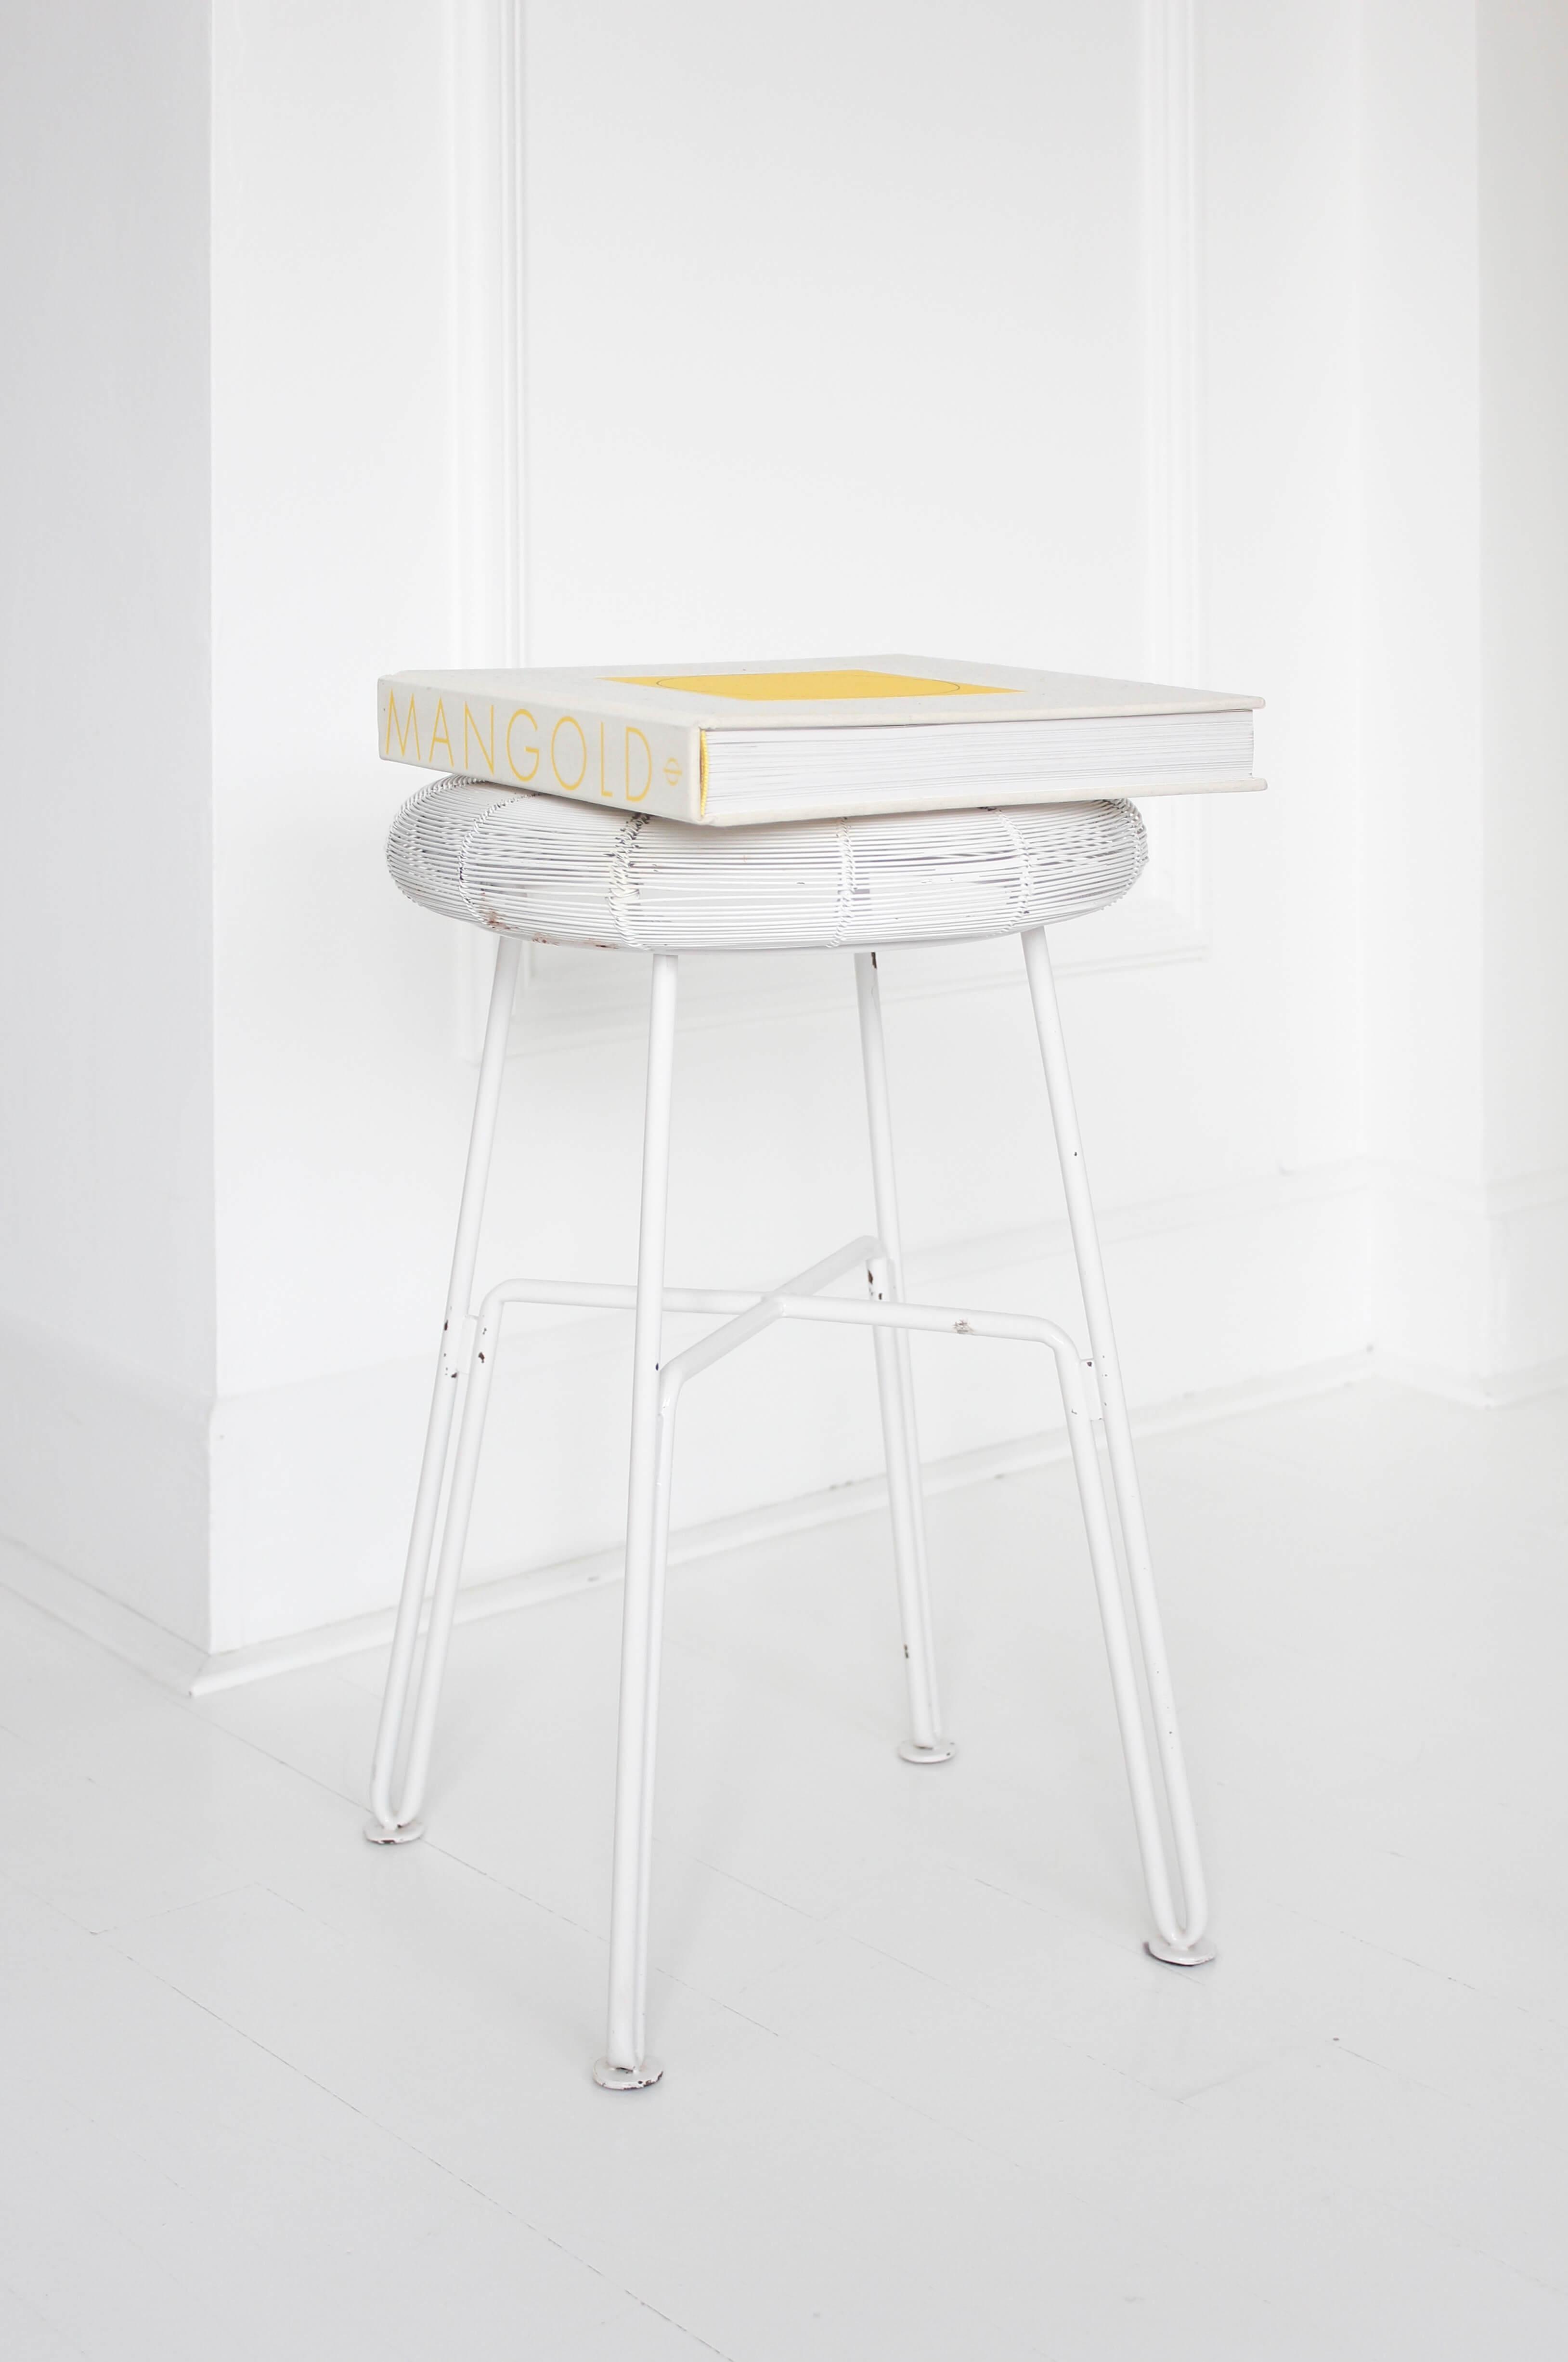 Möbel aussortieren, Möbel entrümpeln, Ausmisten, Möbel weggeben, Möbel ausrangieren, Möbel Vintage kaufen, Möbel Platz schaffen, Möbel verschenken, Weniger Möbel im Haus